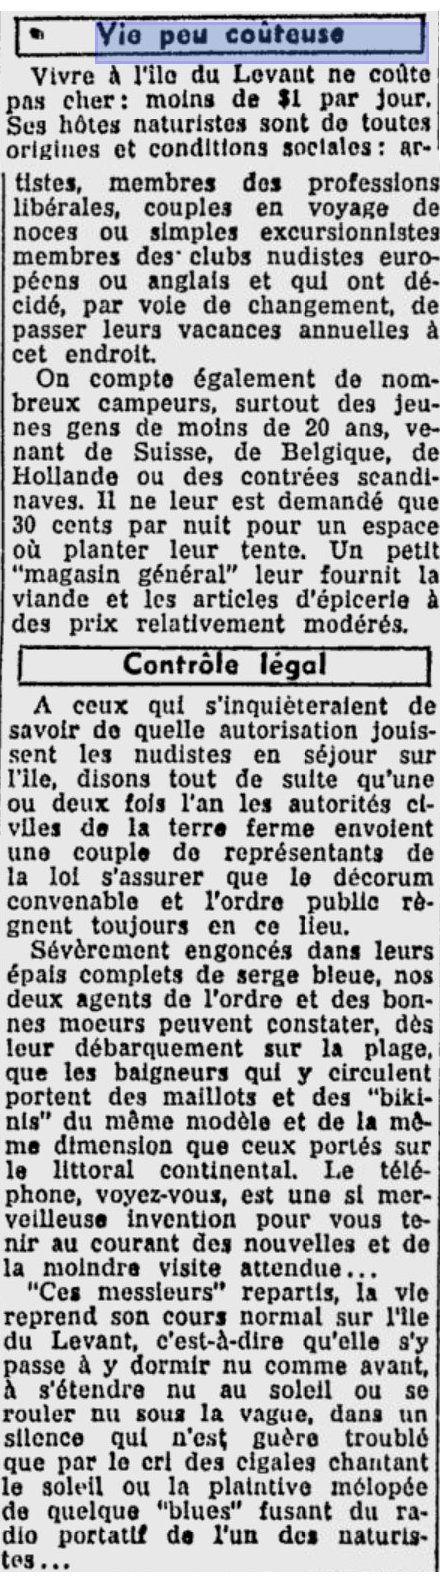 LE PETIT JOURNAL de Montréal en 1954 : 5 000 nudistes au Levant !